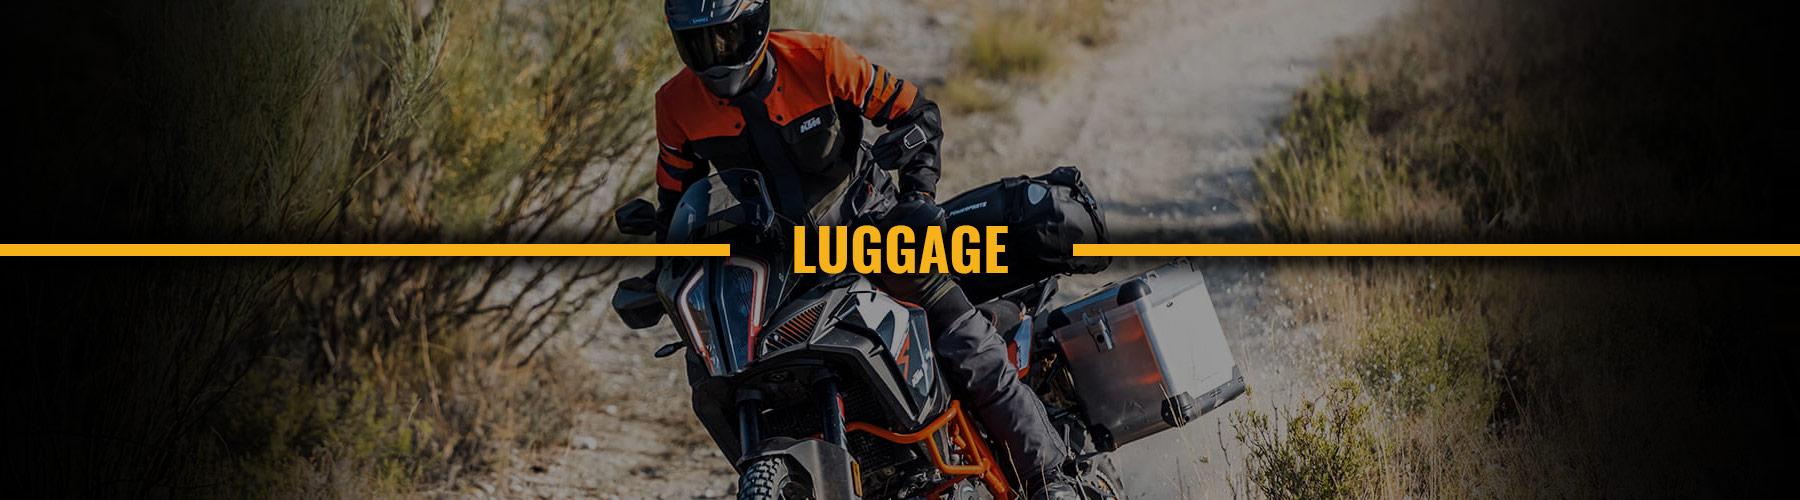 Twisted Trails - Luggage